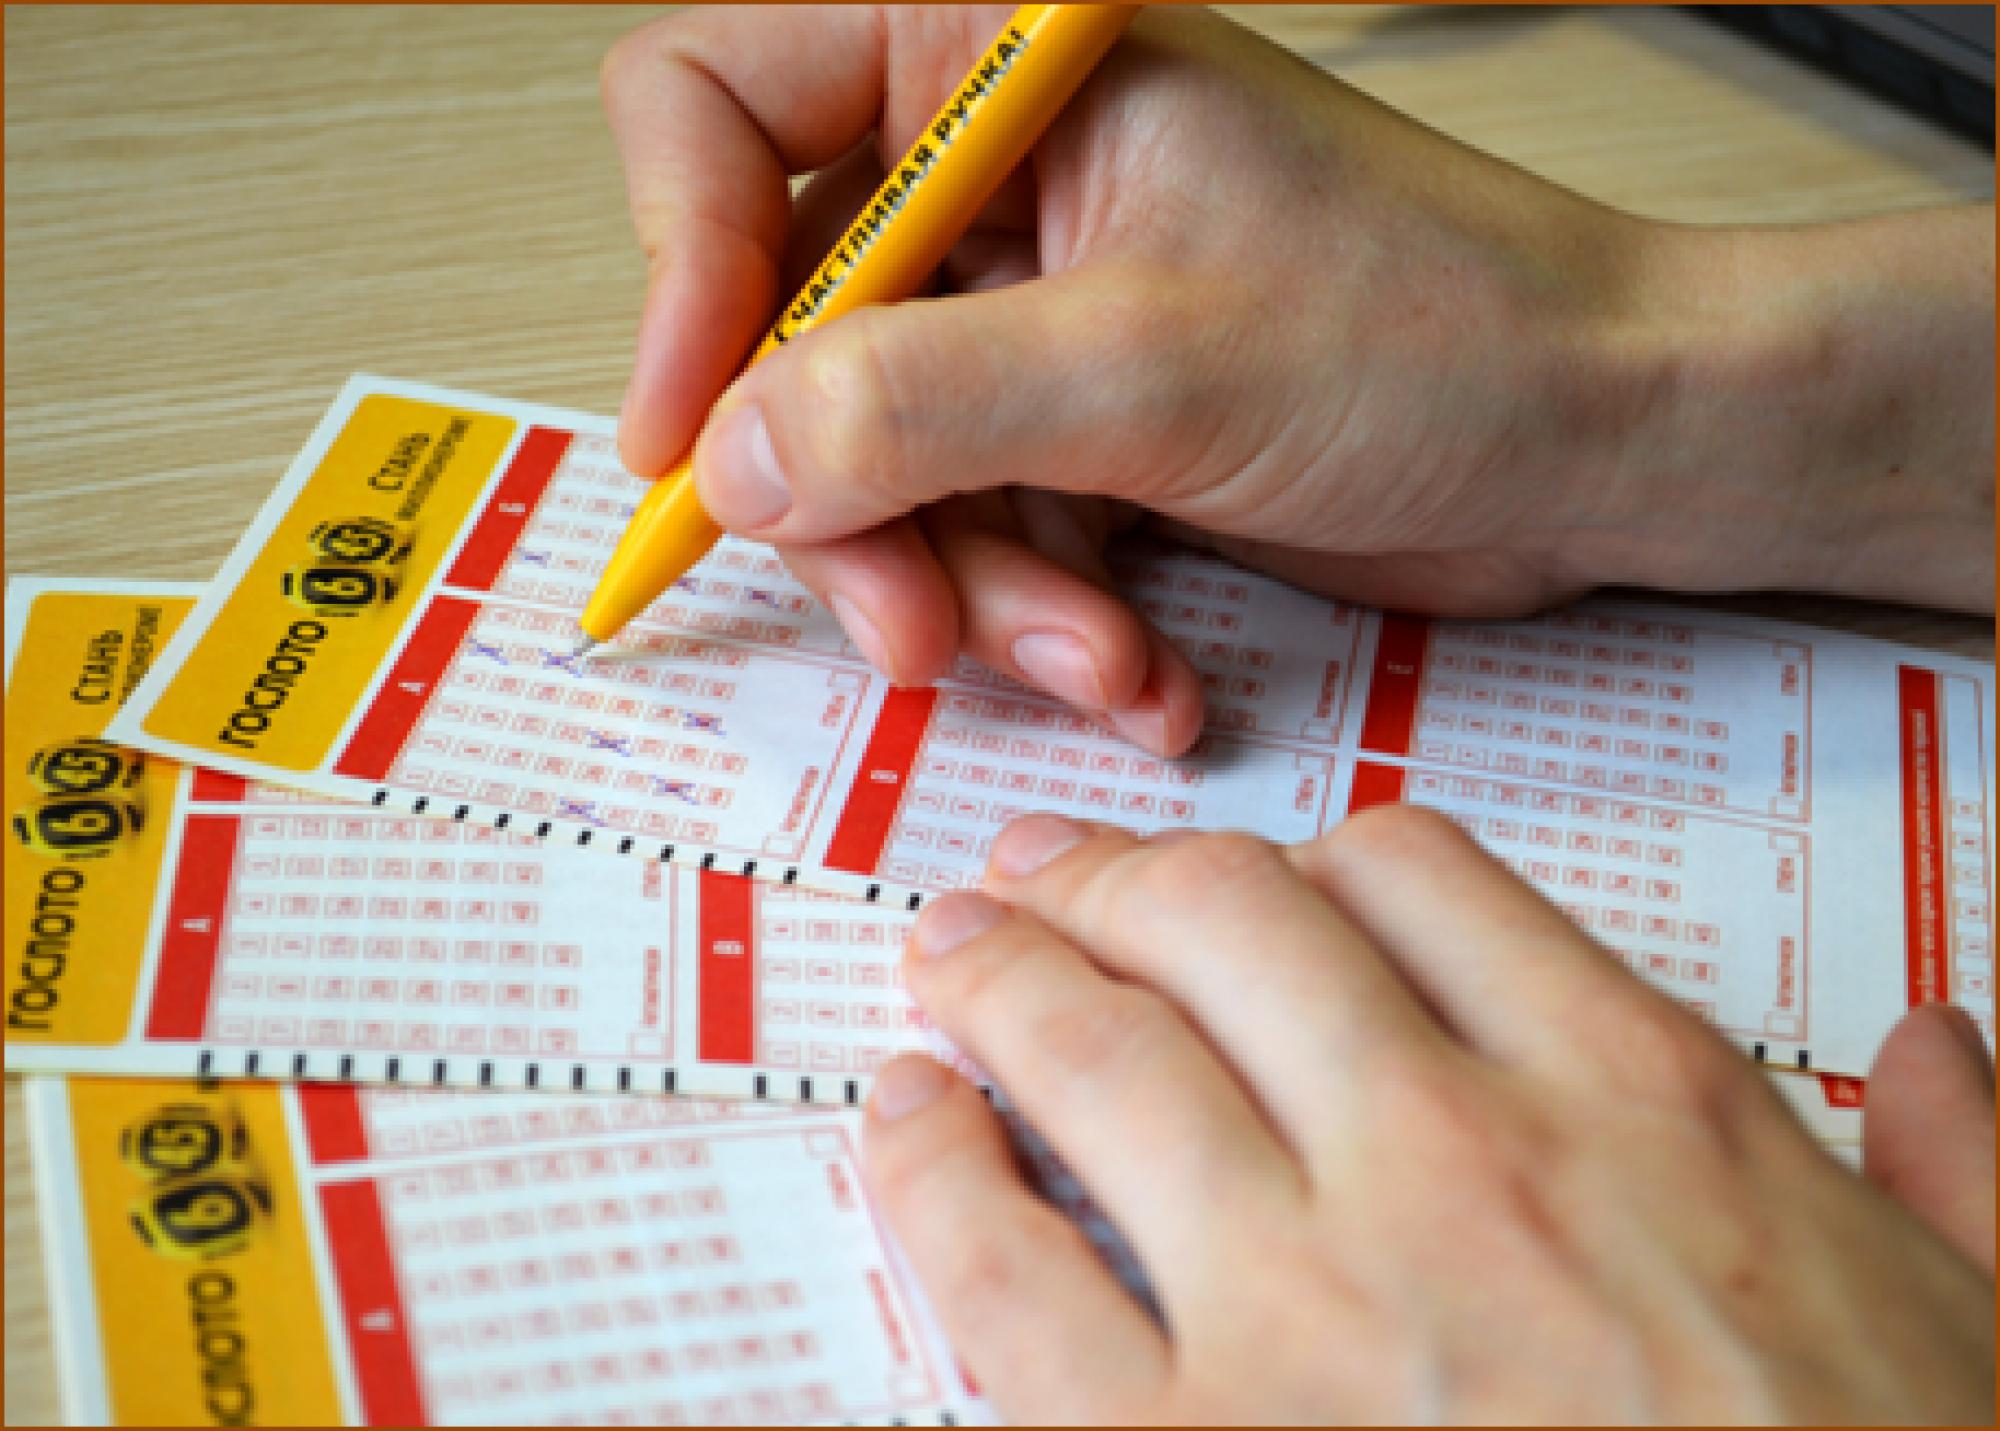 Как играть в столото по билету – правила игры, условия и подробная инструкция